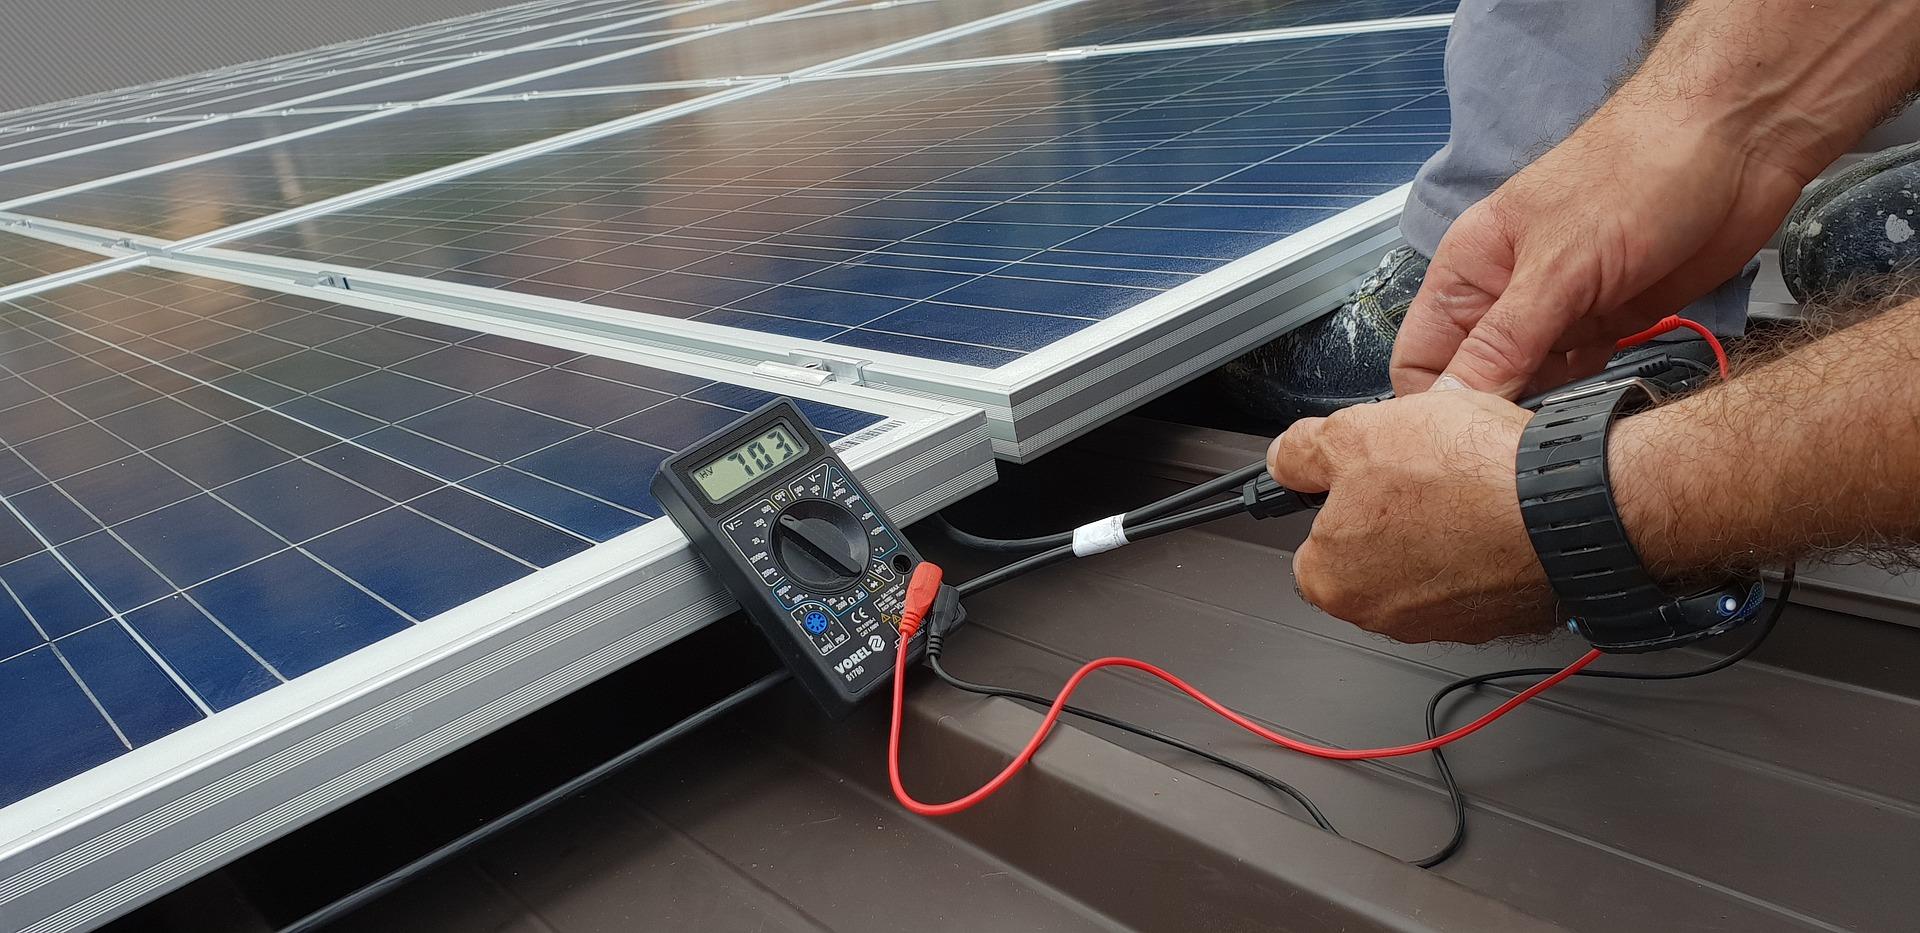 Onderhoud zonnepanelen pv systeem